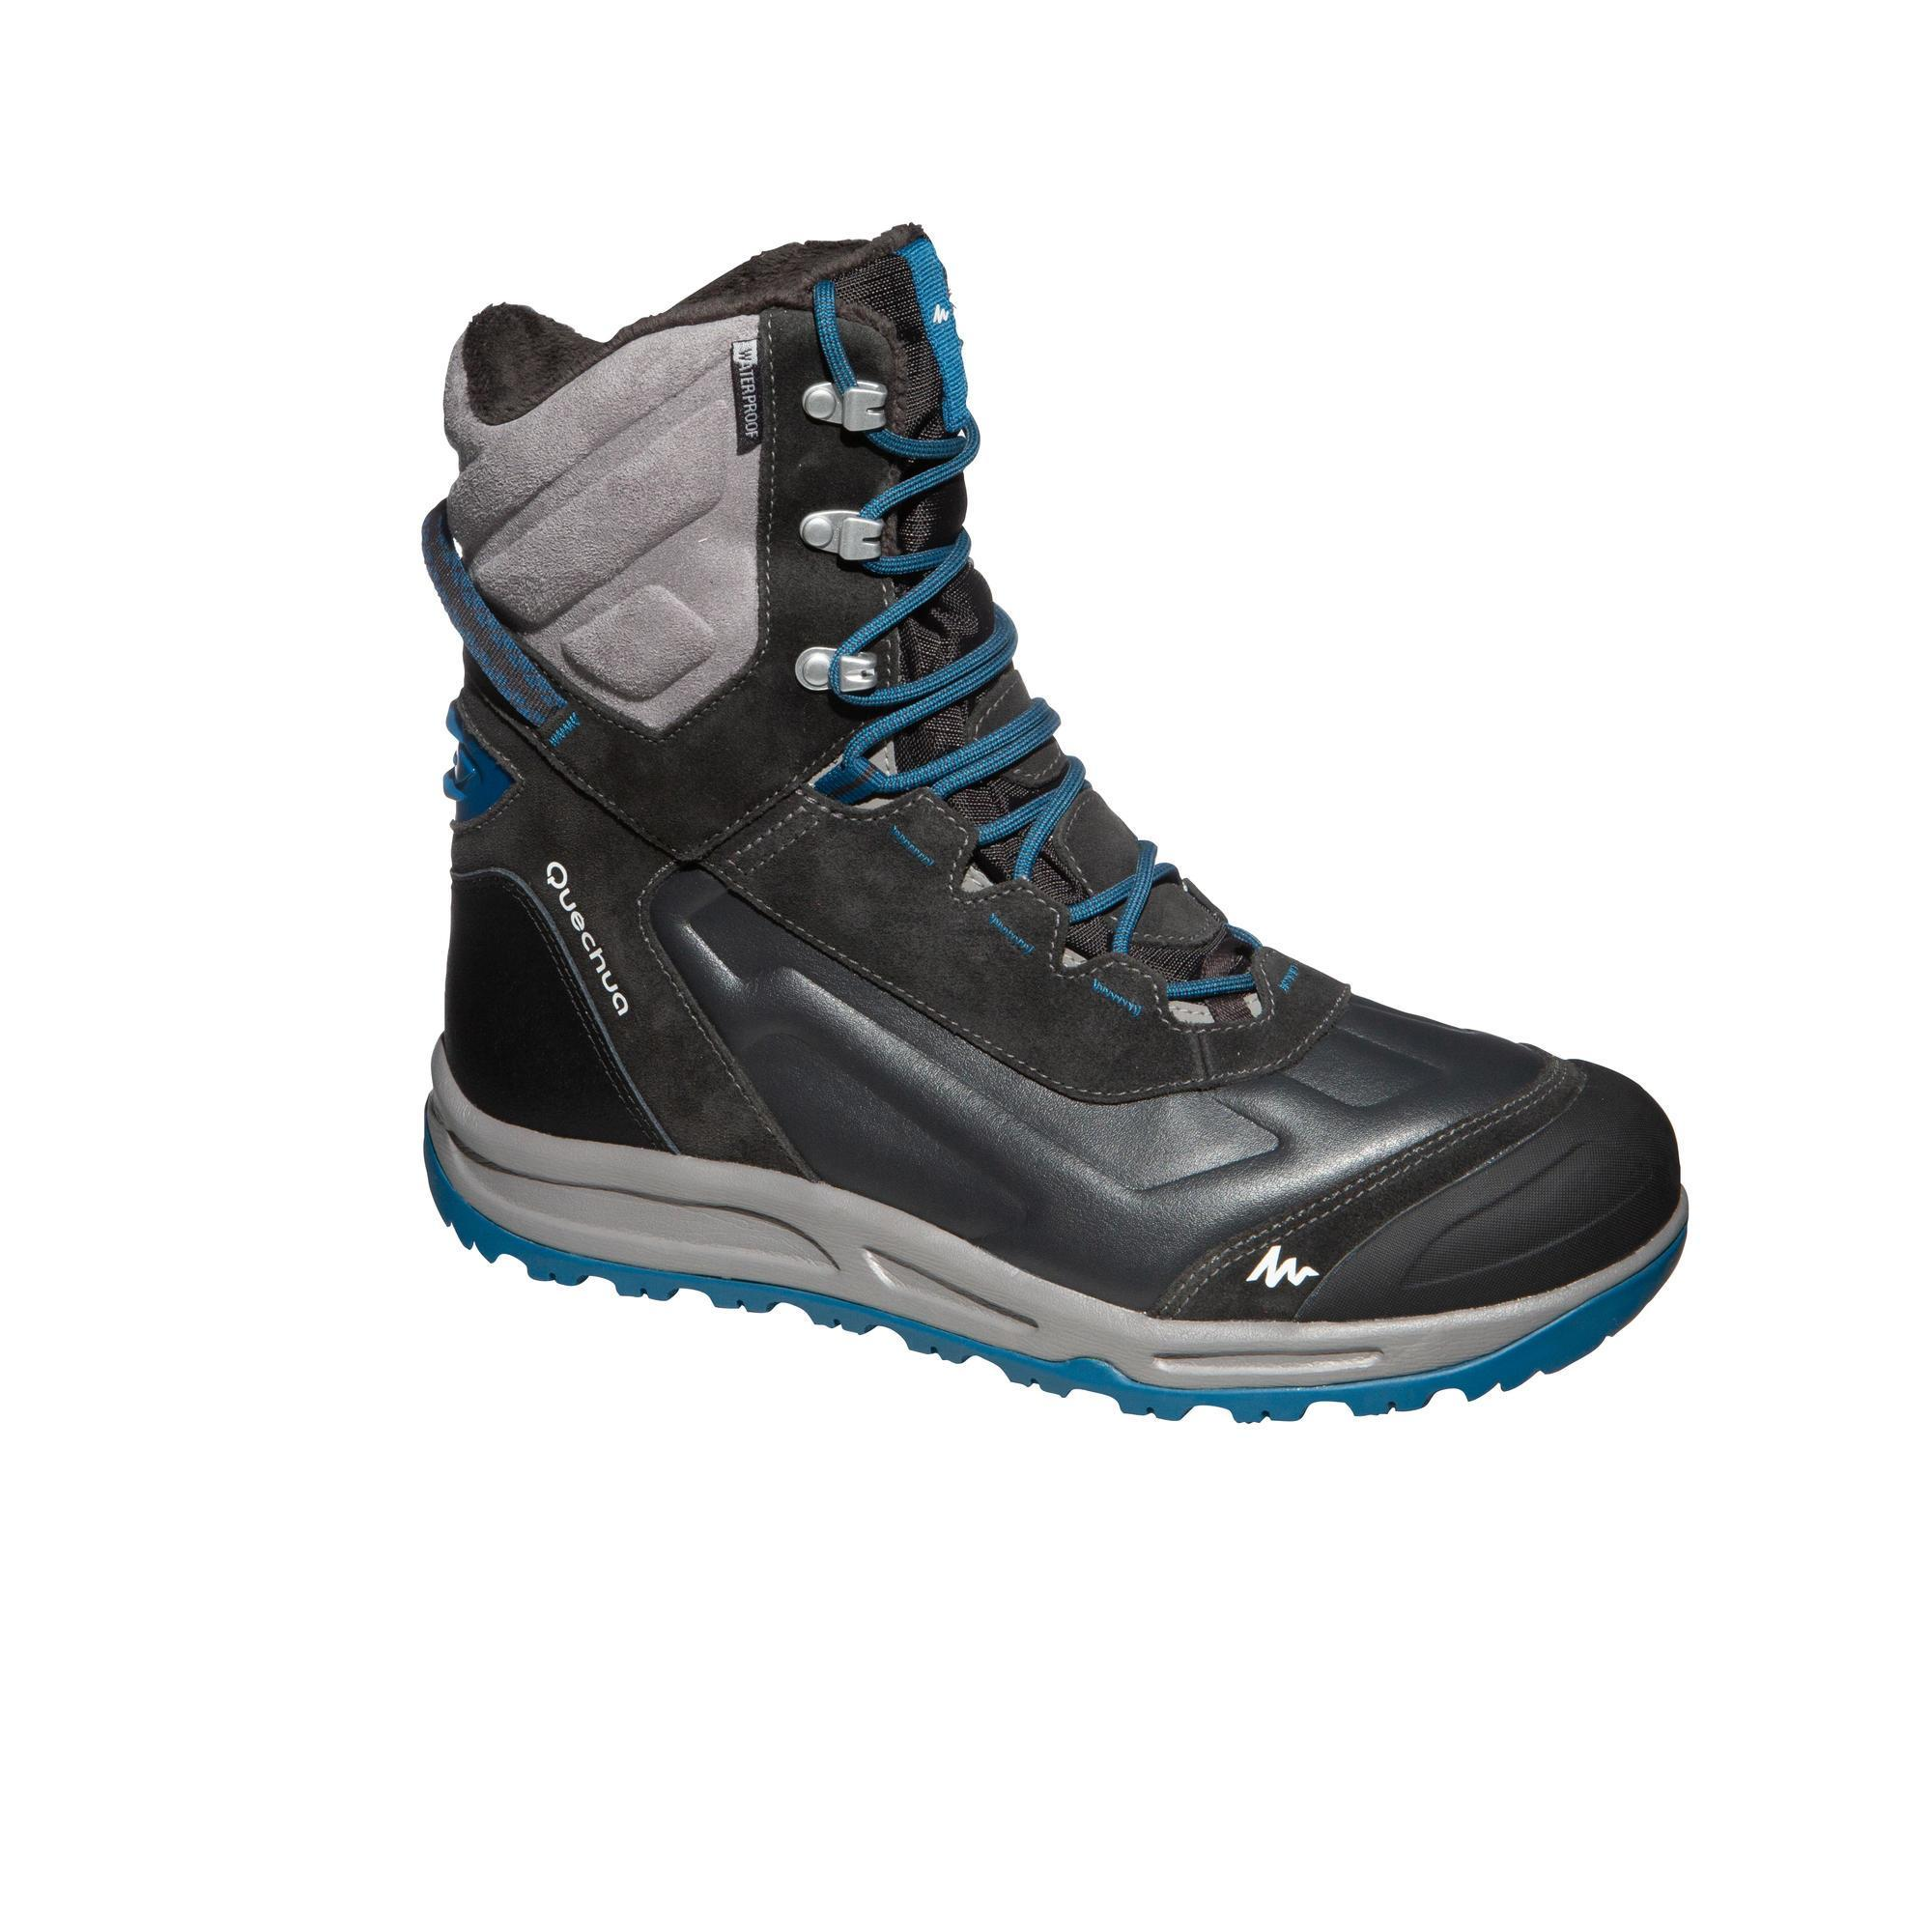 Winterstiefel Winterwandern SH920 X-Warm wasserdicht Herren blau | Schuhe > Boots > Winterstiefel | Grau | Quechua